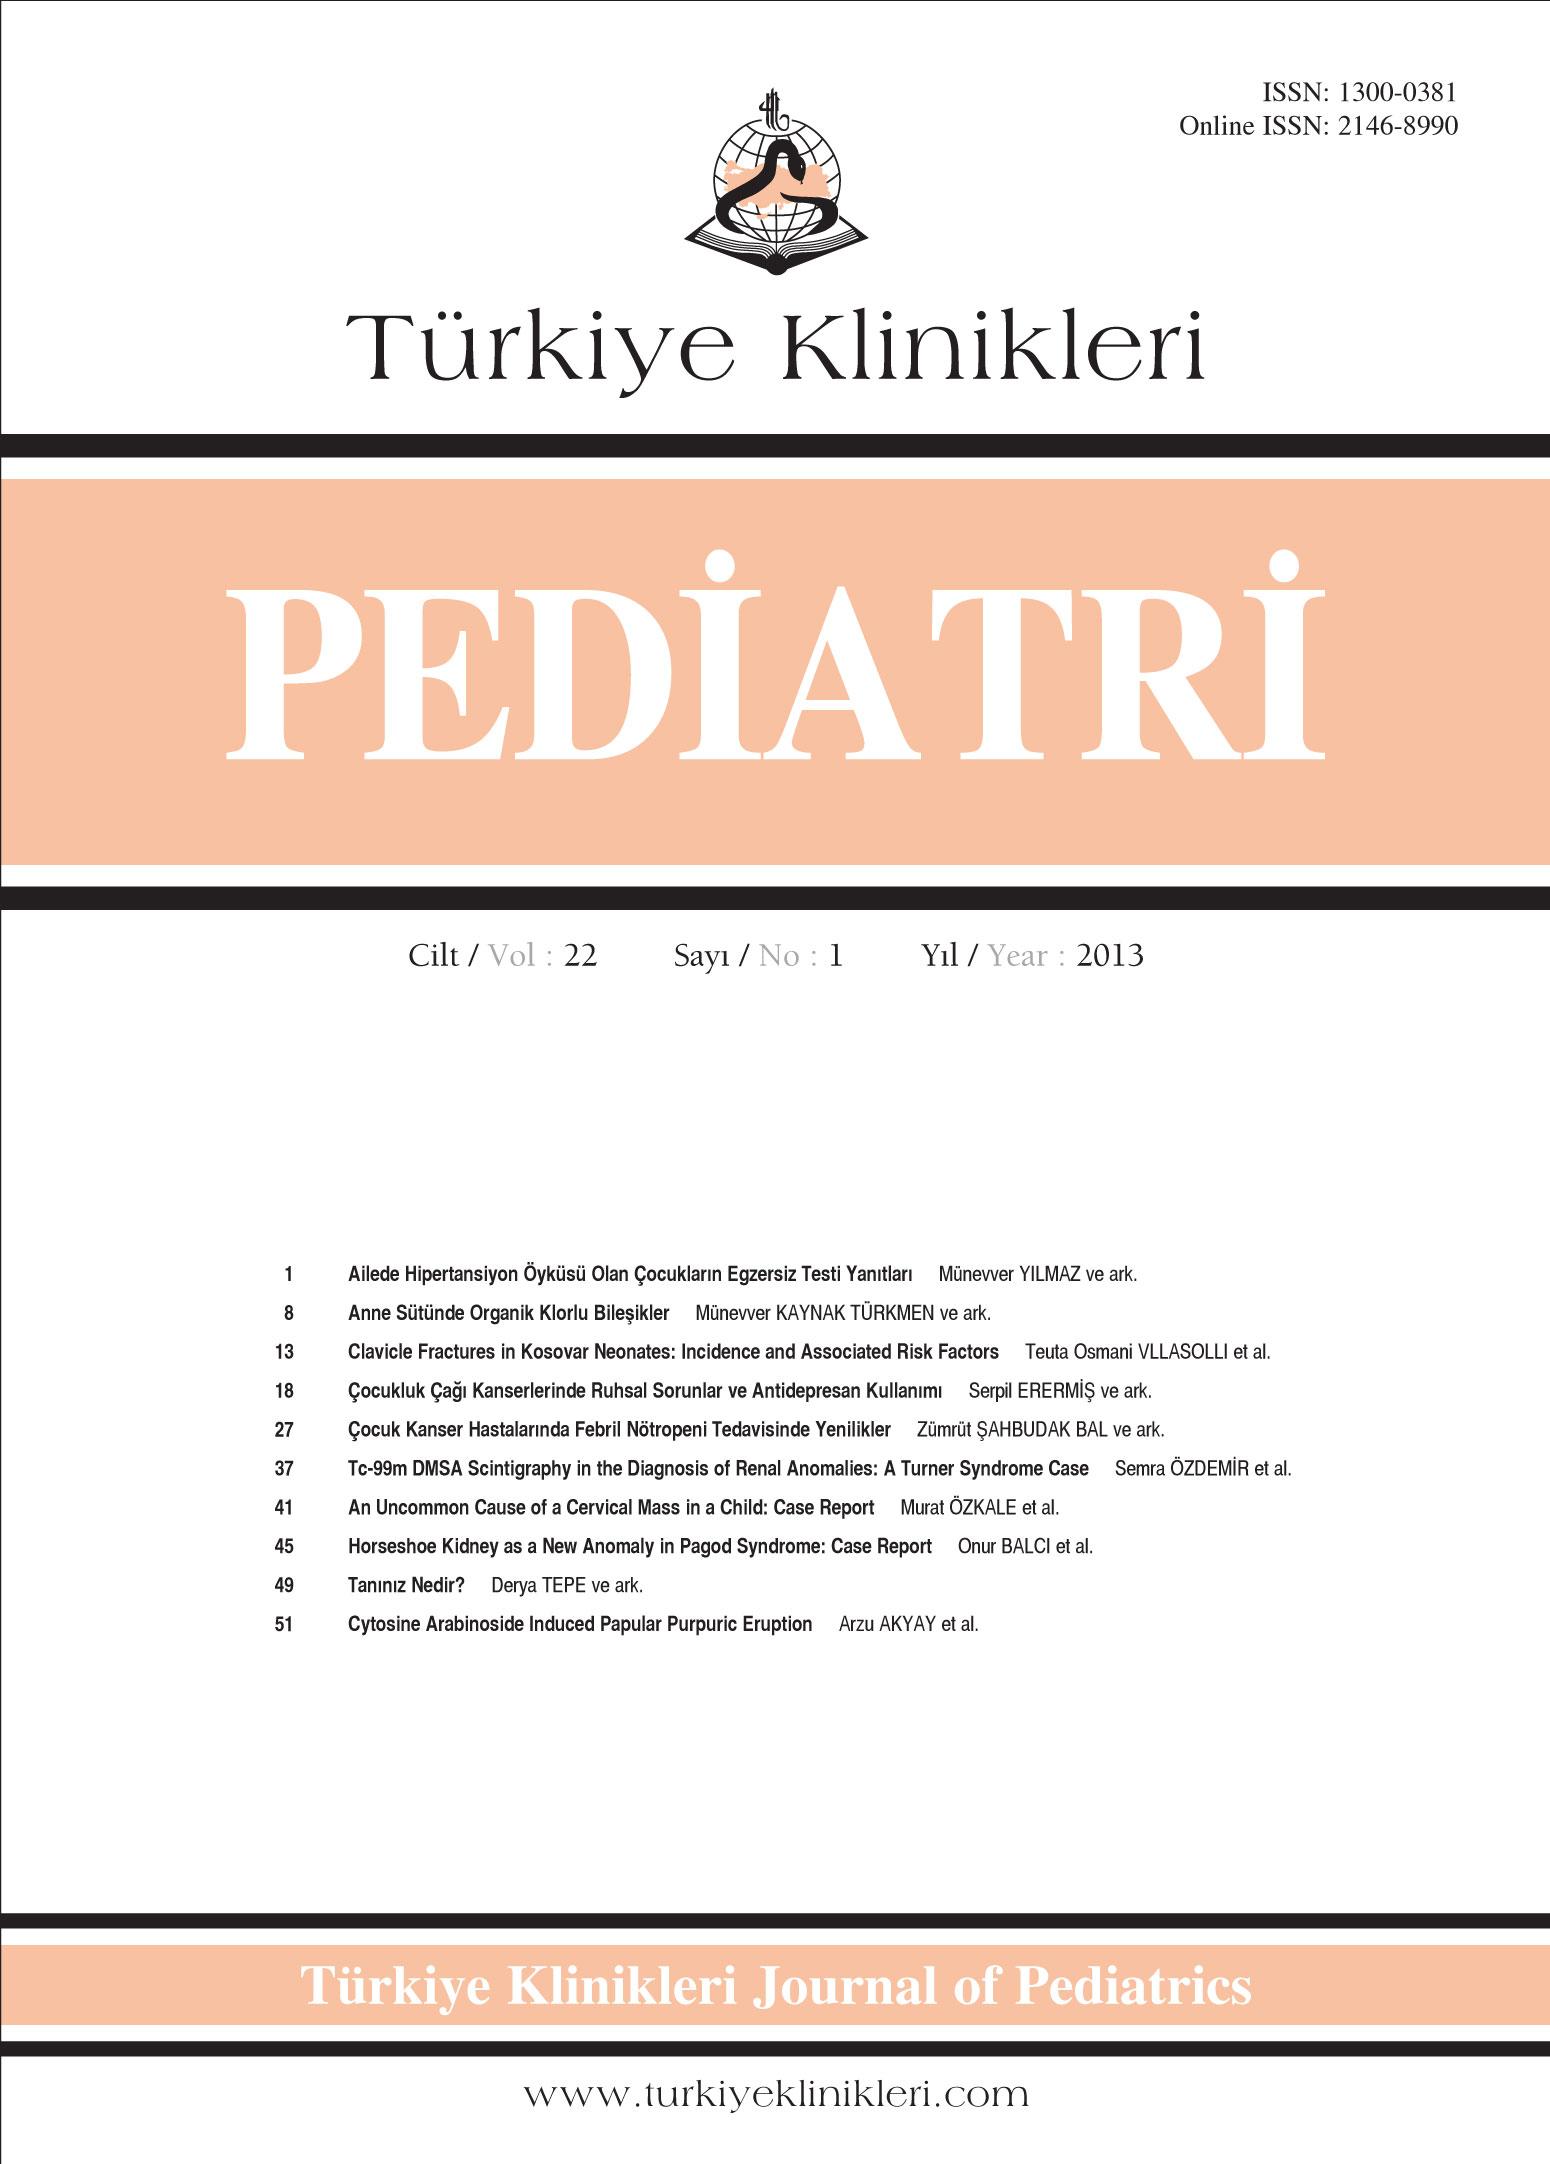 Türkiye klinikleri pediatri dergisi 2013 cilt 22 sayı 1